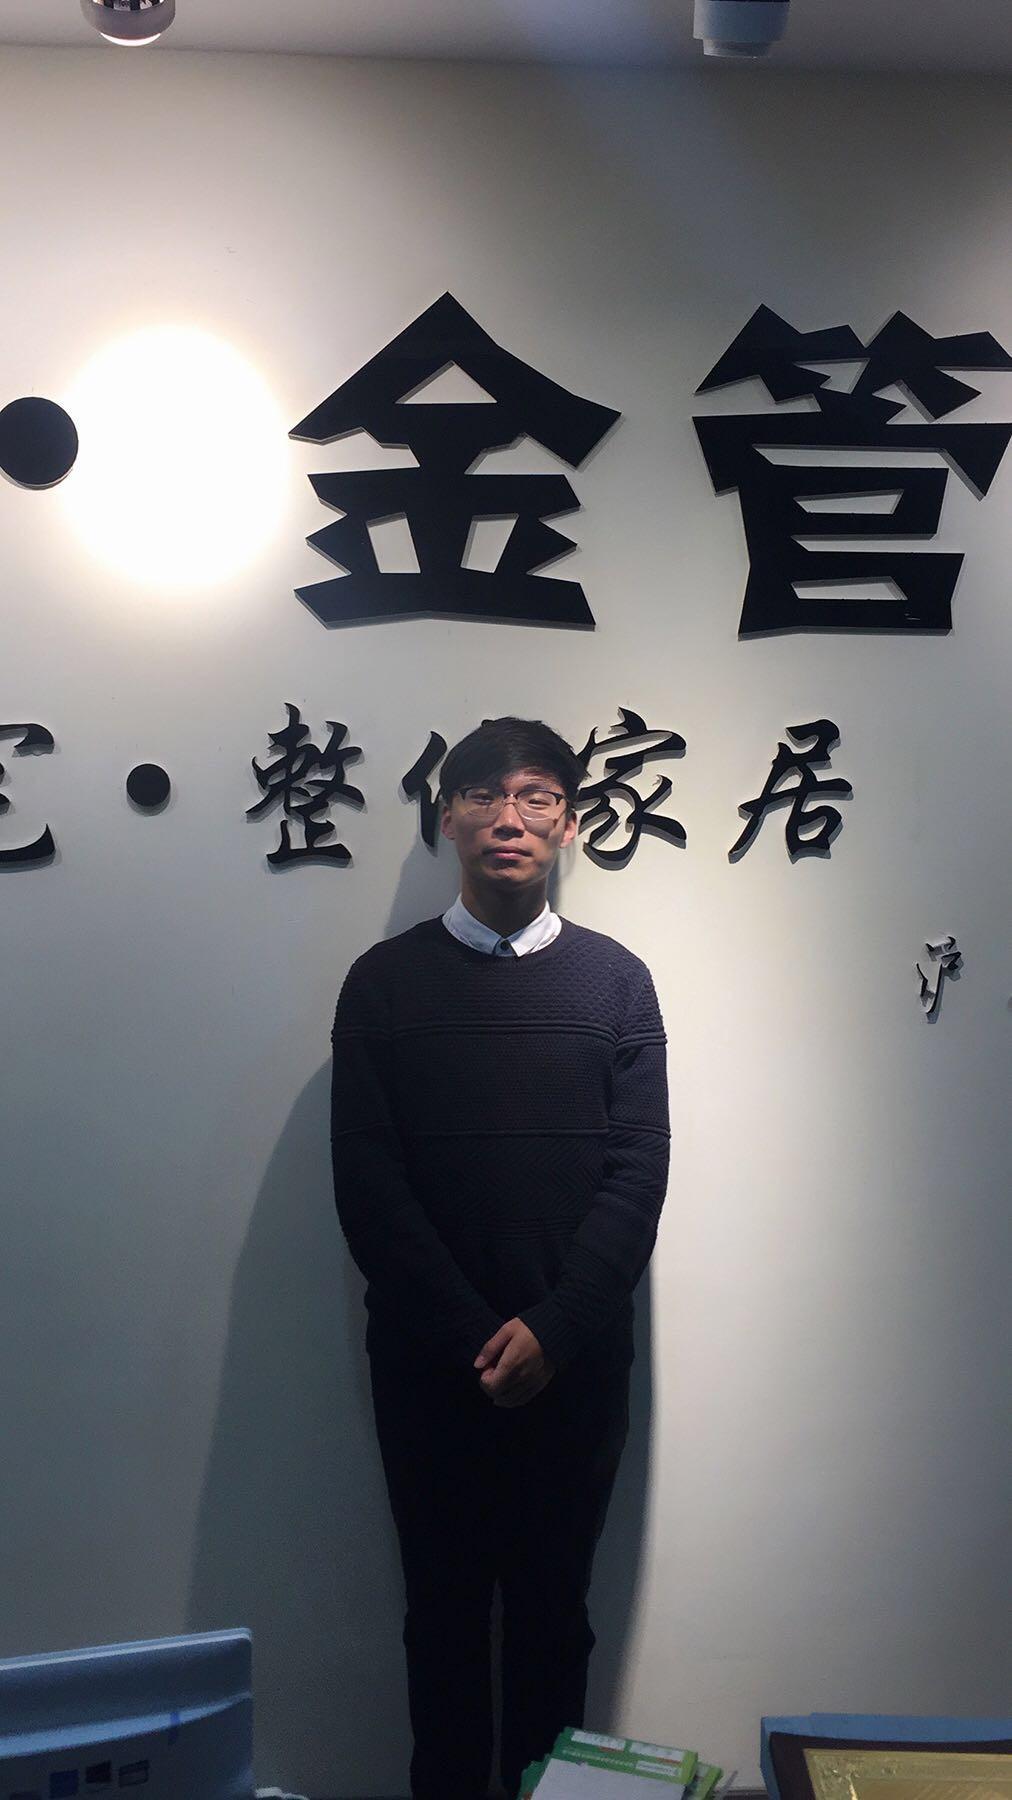 春秋配张玮简谱